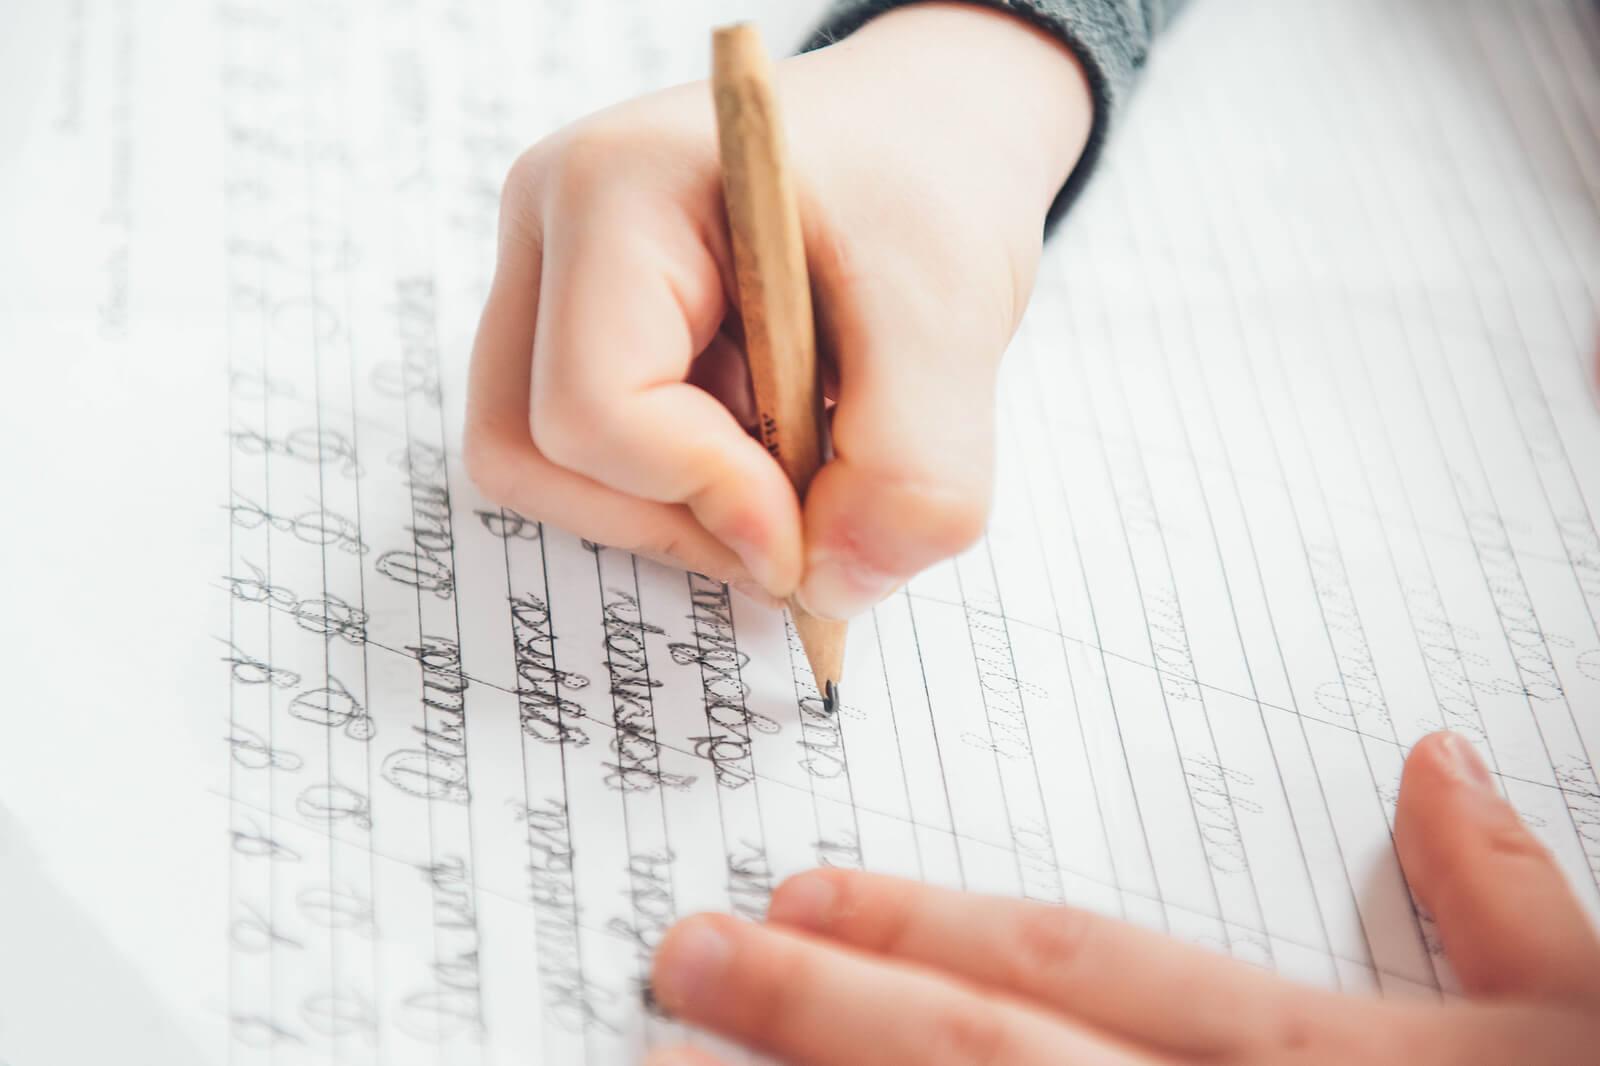 Niño aprendiendo a escribir en un cuaderno.